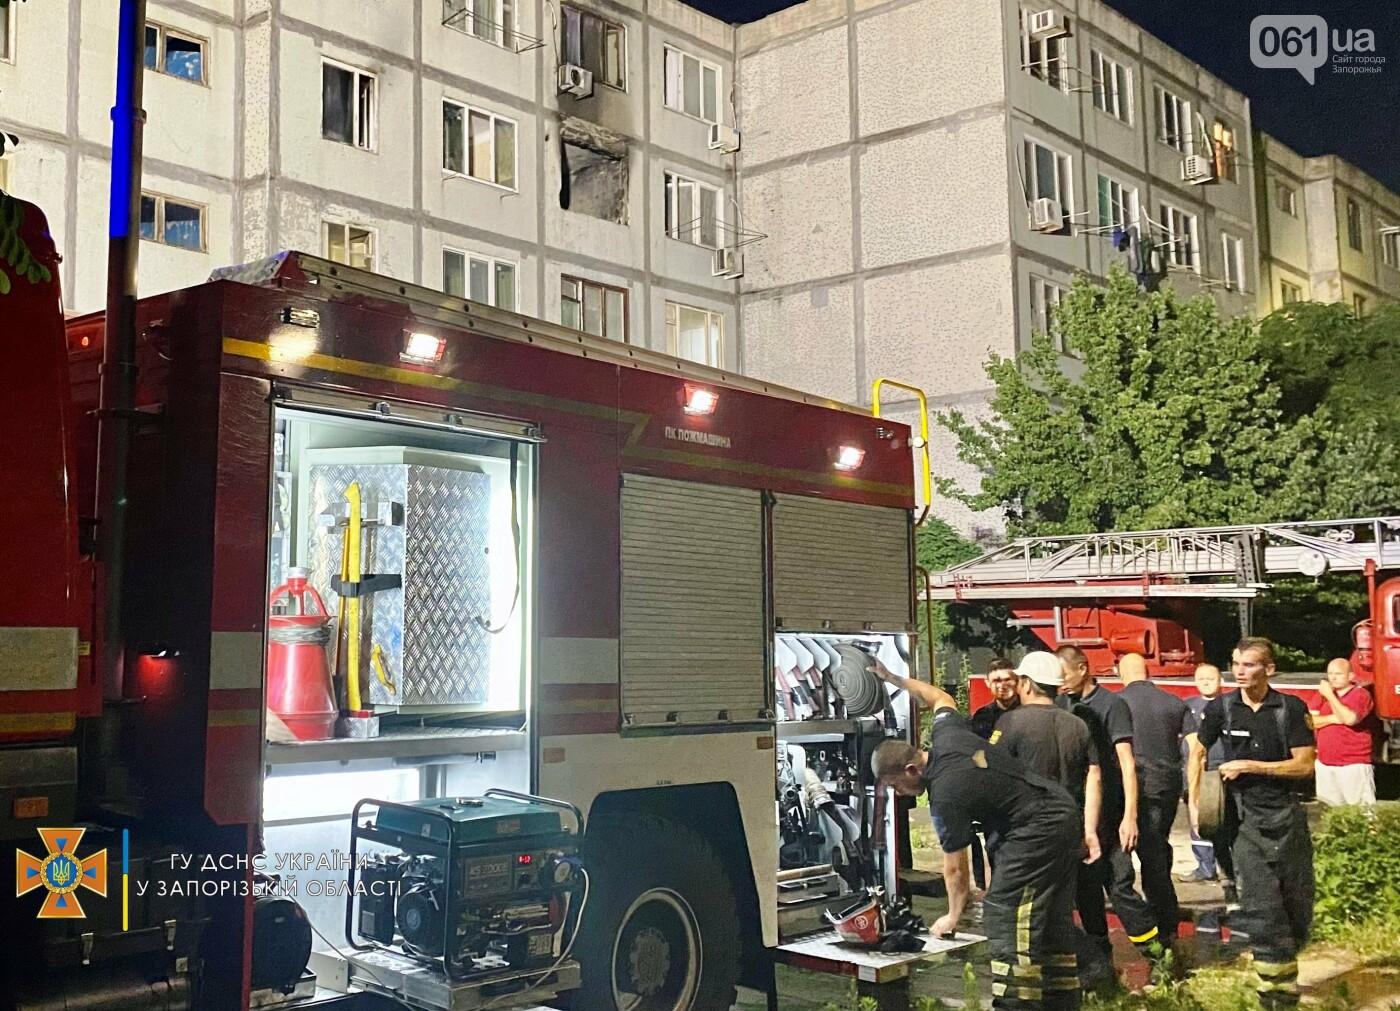 img6204result 60ec25a697213 - В Энергодаре эвакуировали жильцов многоэтажки из-за пожара, - ФОТО